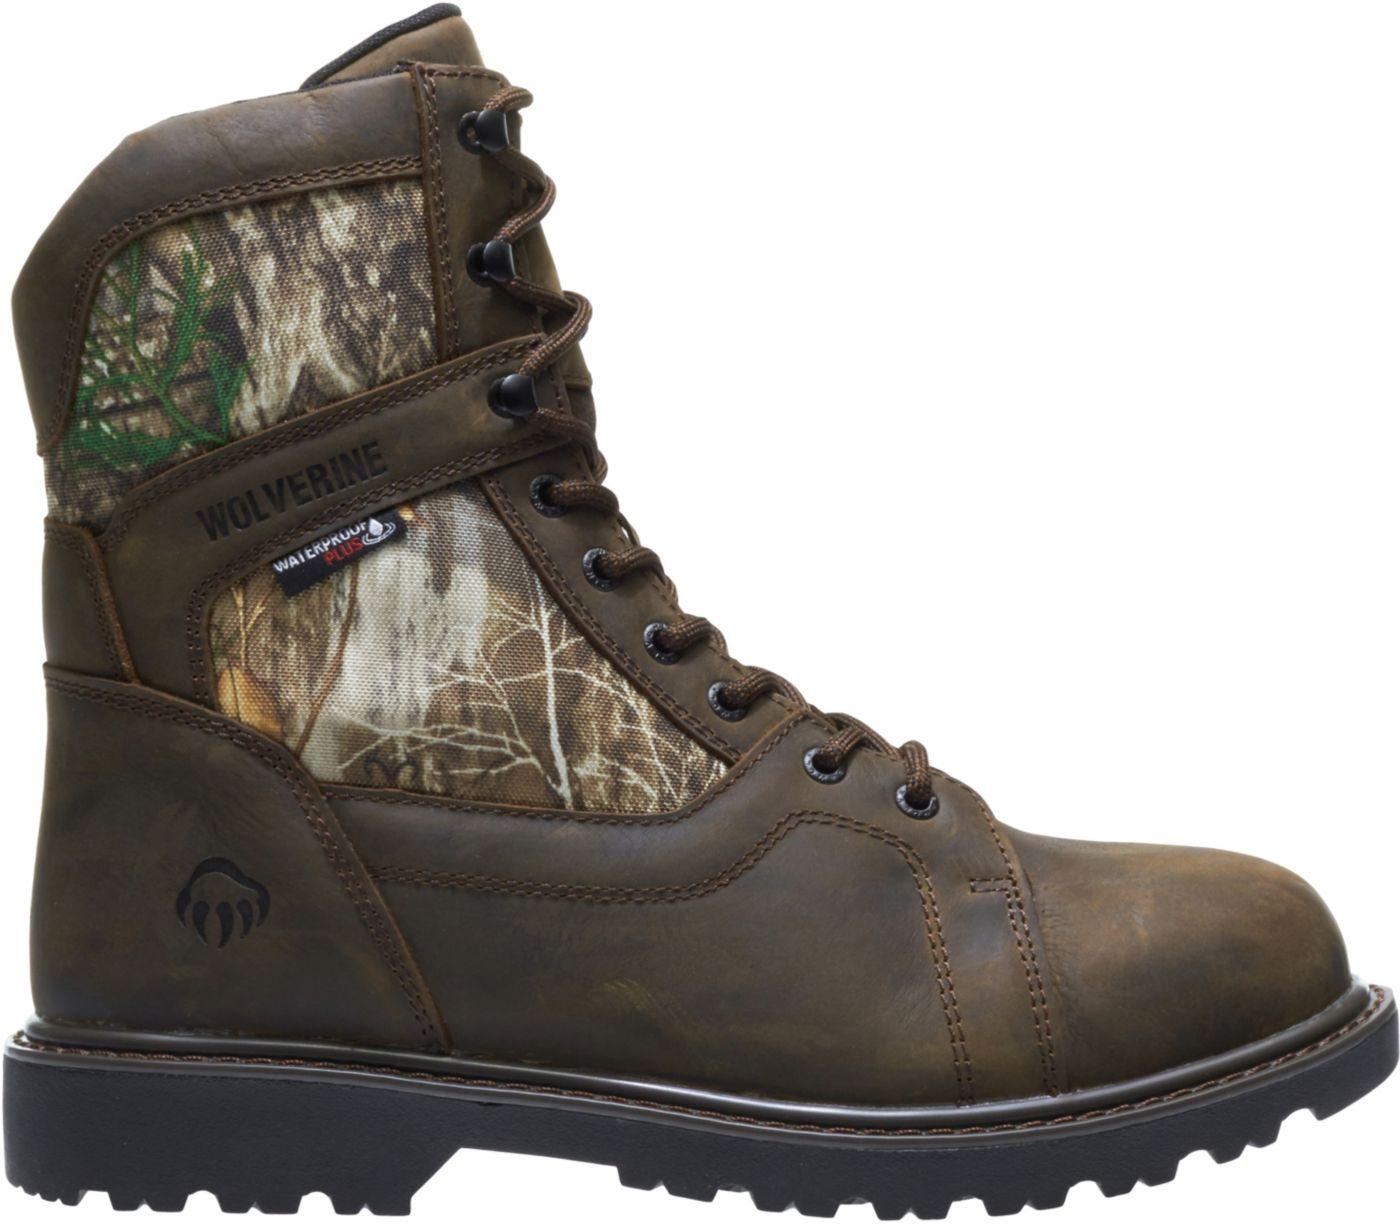 Wolverine Men's Blackhorn Realtree EDGE 8'' 600g Waterproof Hunting Boots